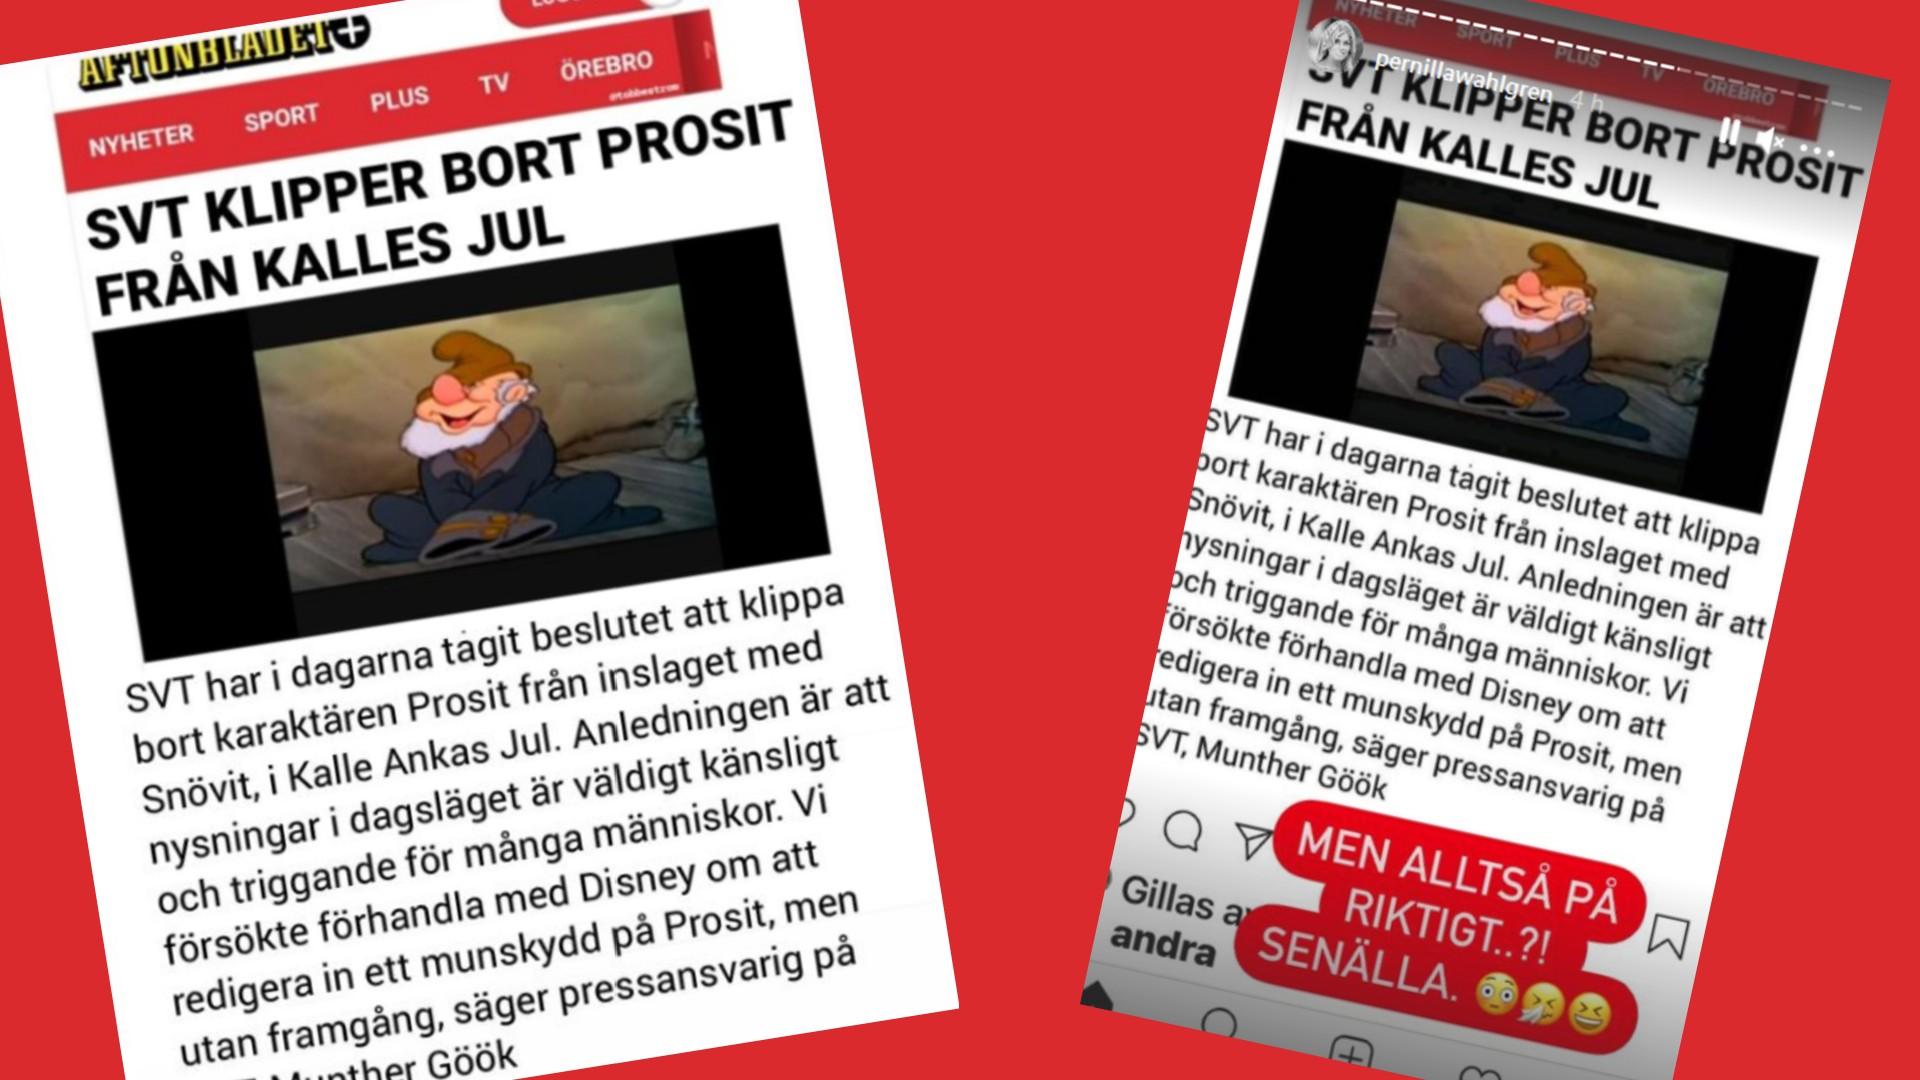 Pernilla rasande - SVT klipper bort Prosit från Kalles jul